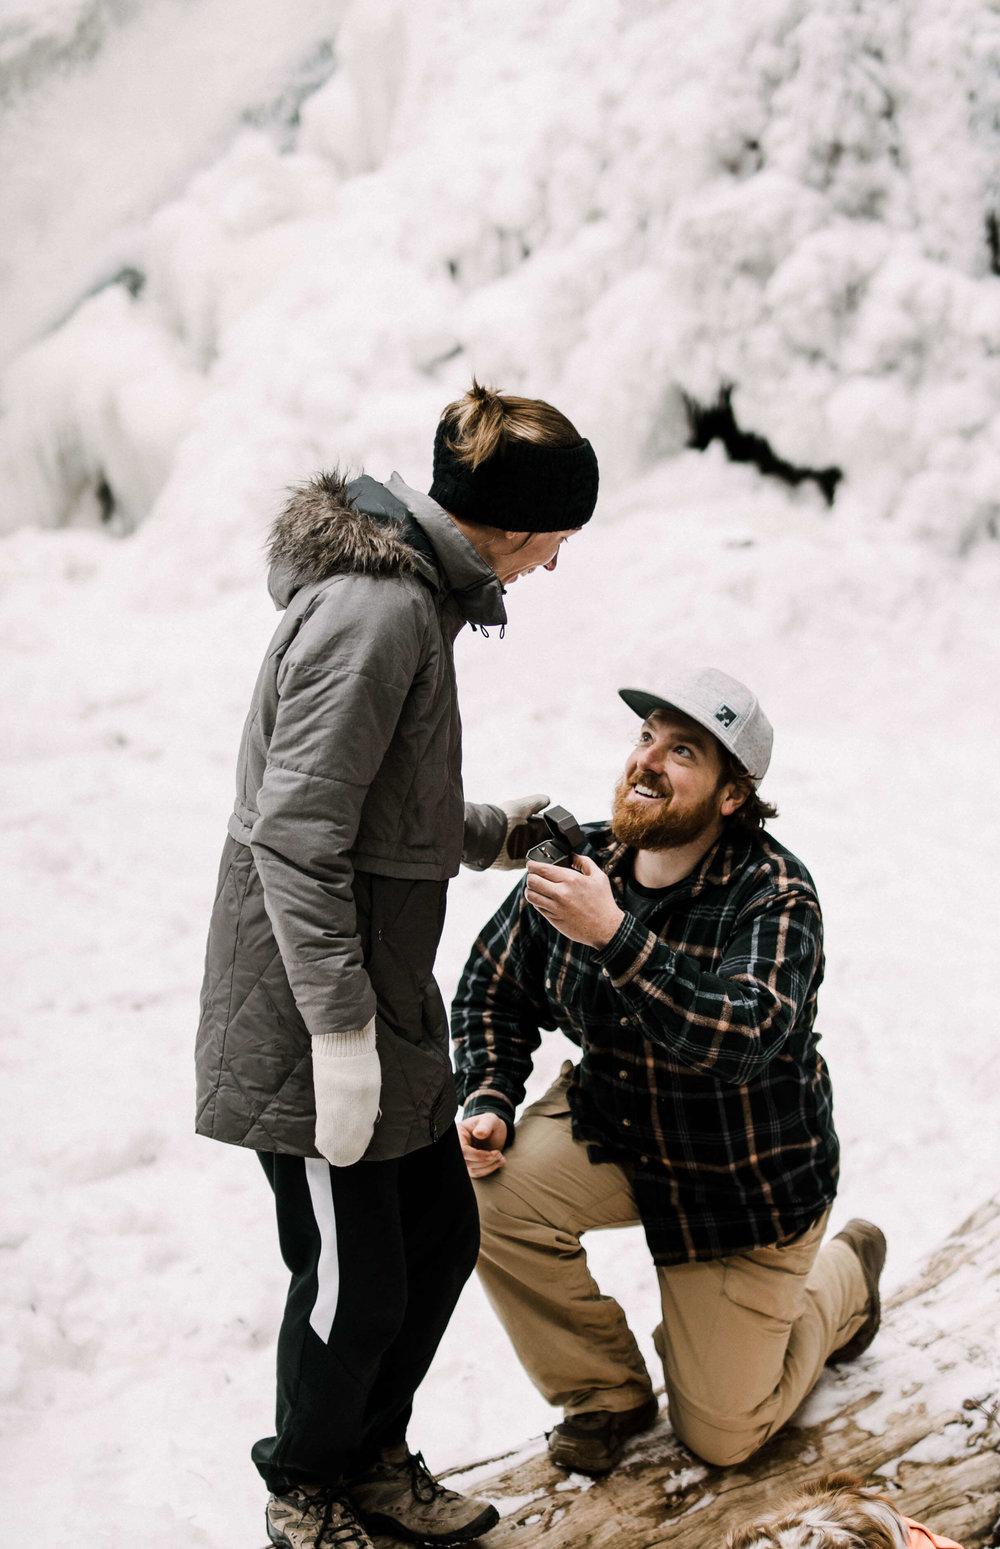 Engle-Olson-Photography-Emily-Skylar-Proposal-Engagement-6.jpg